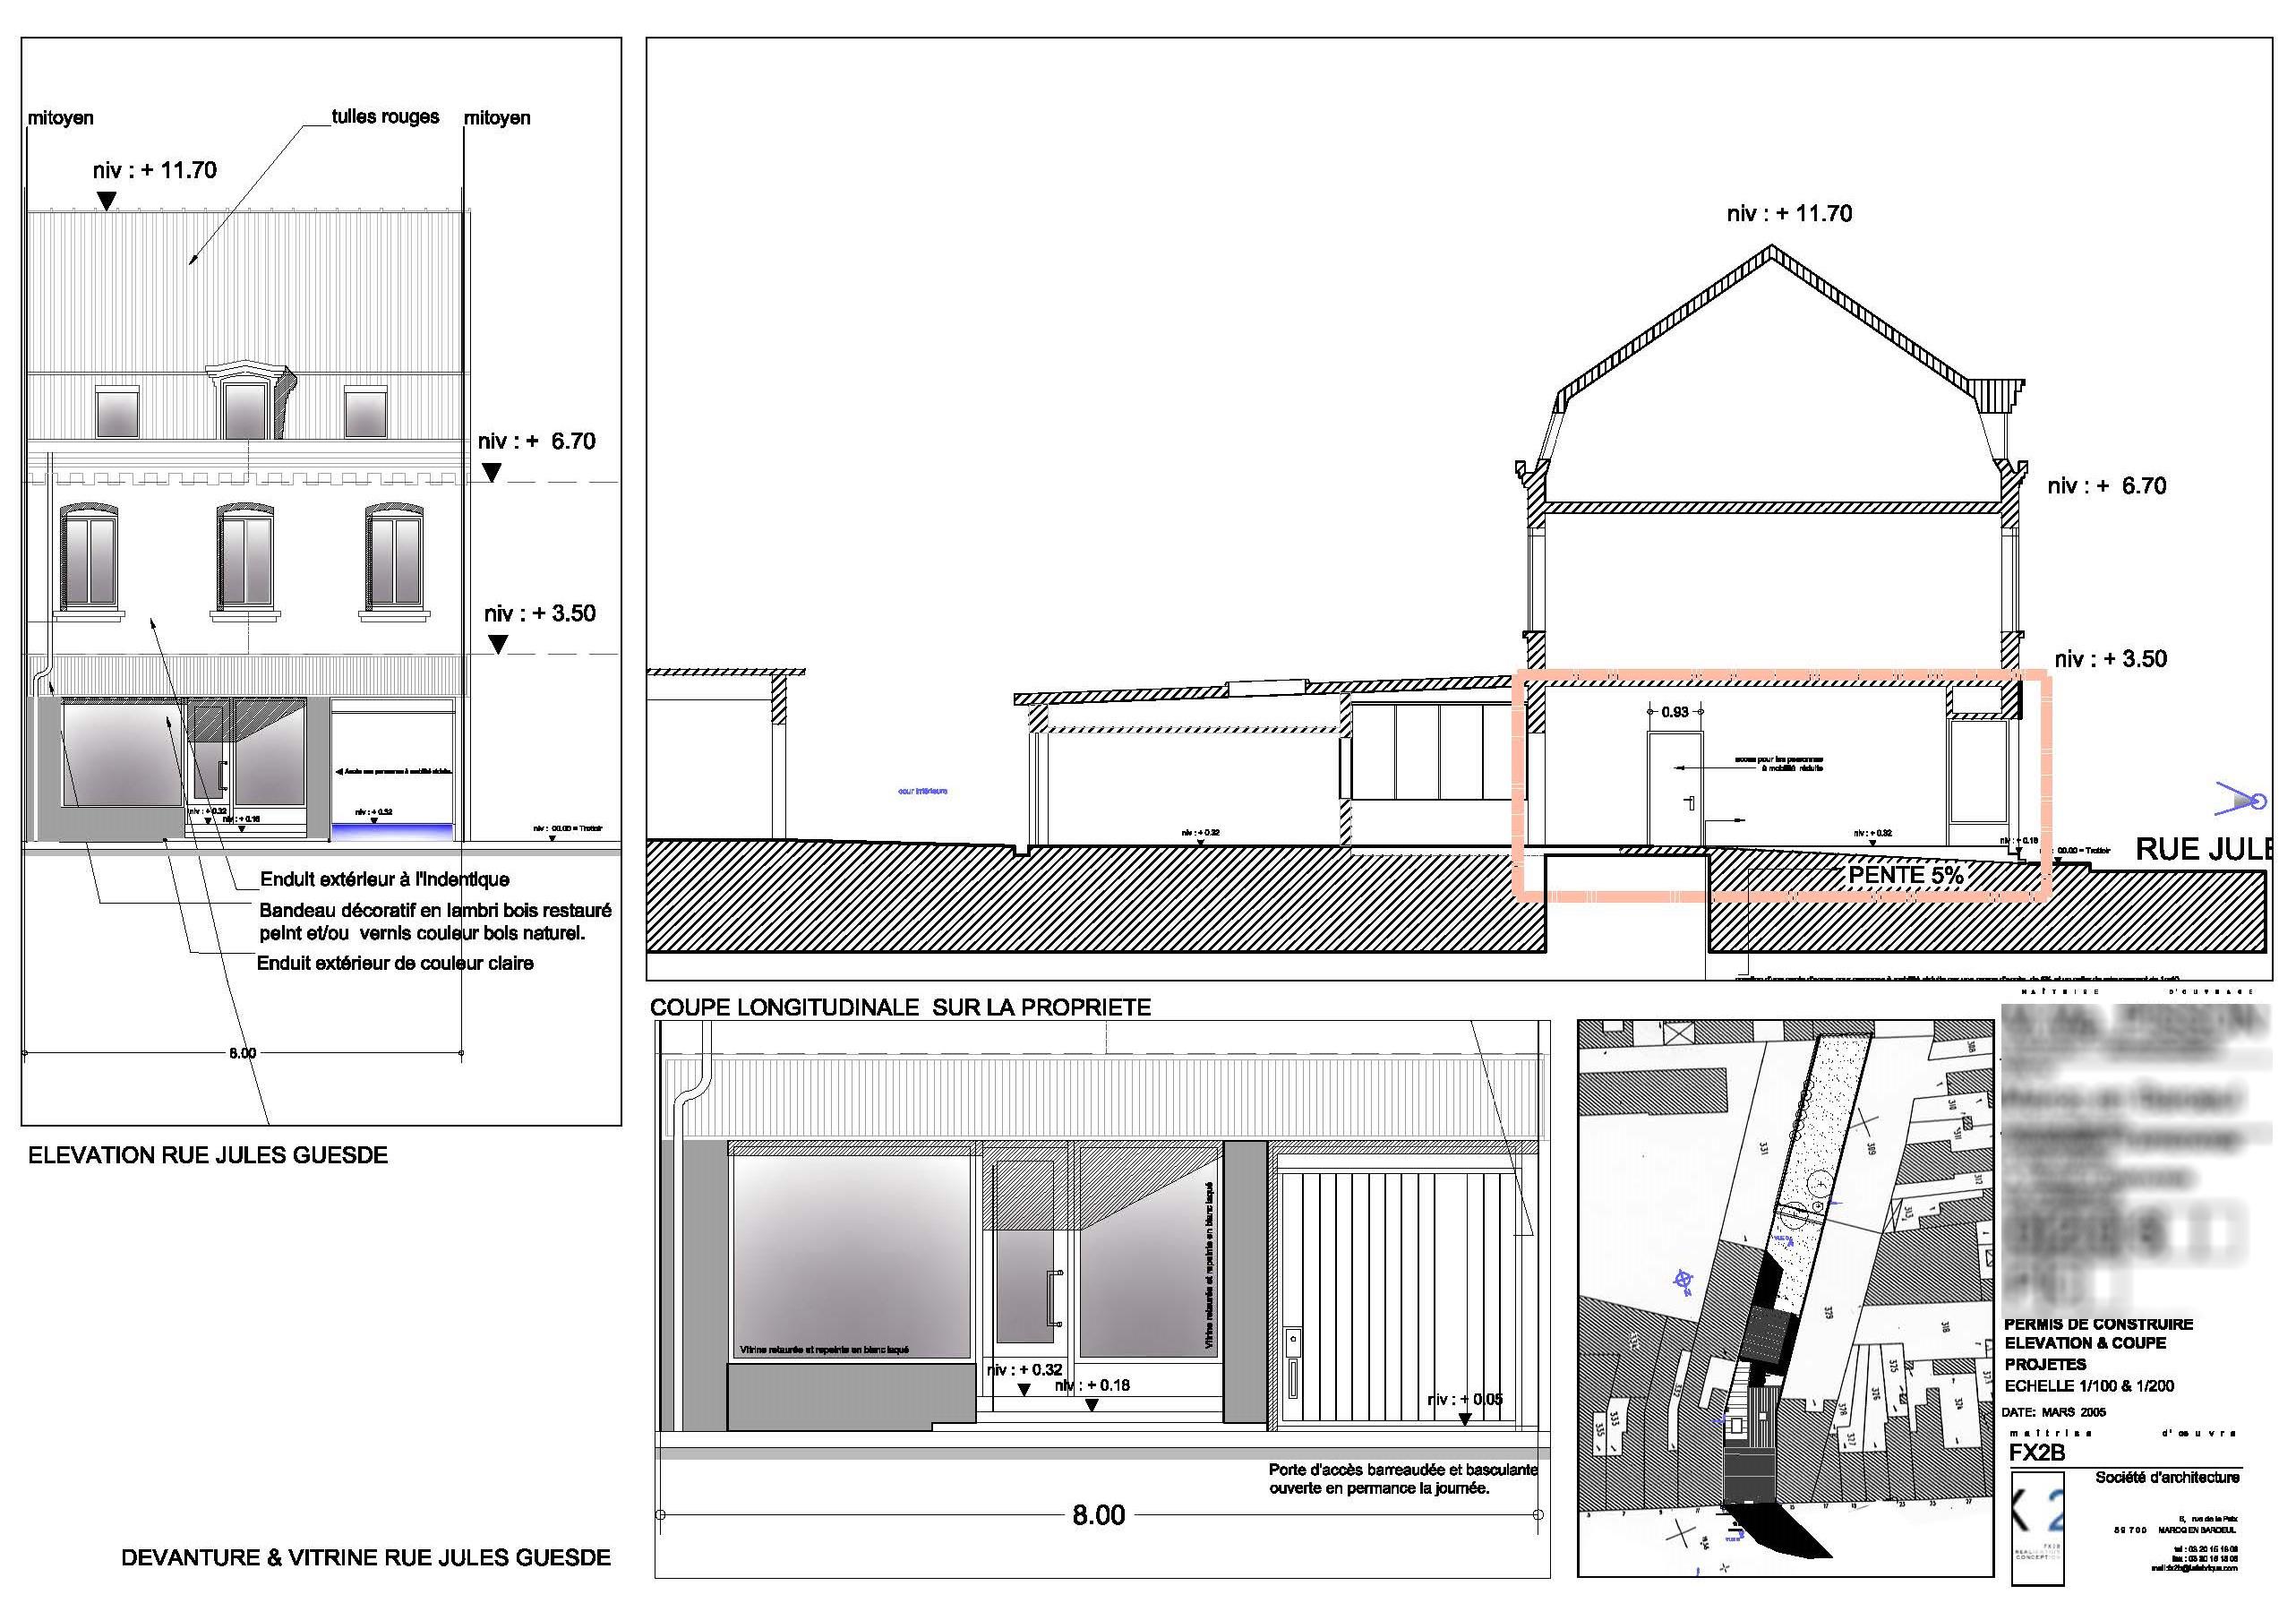 permis de construire marcq en baroeul 59700 fx2b. Black Bedroom Furniture Sets. Home Design Ideas